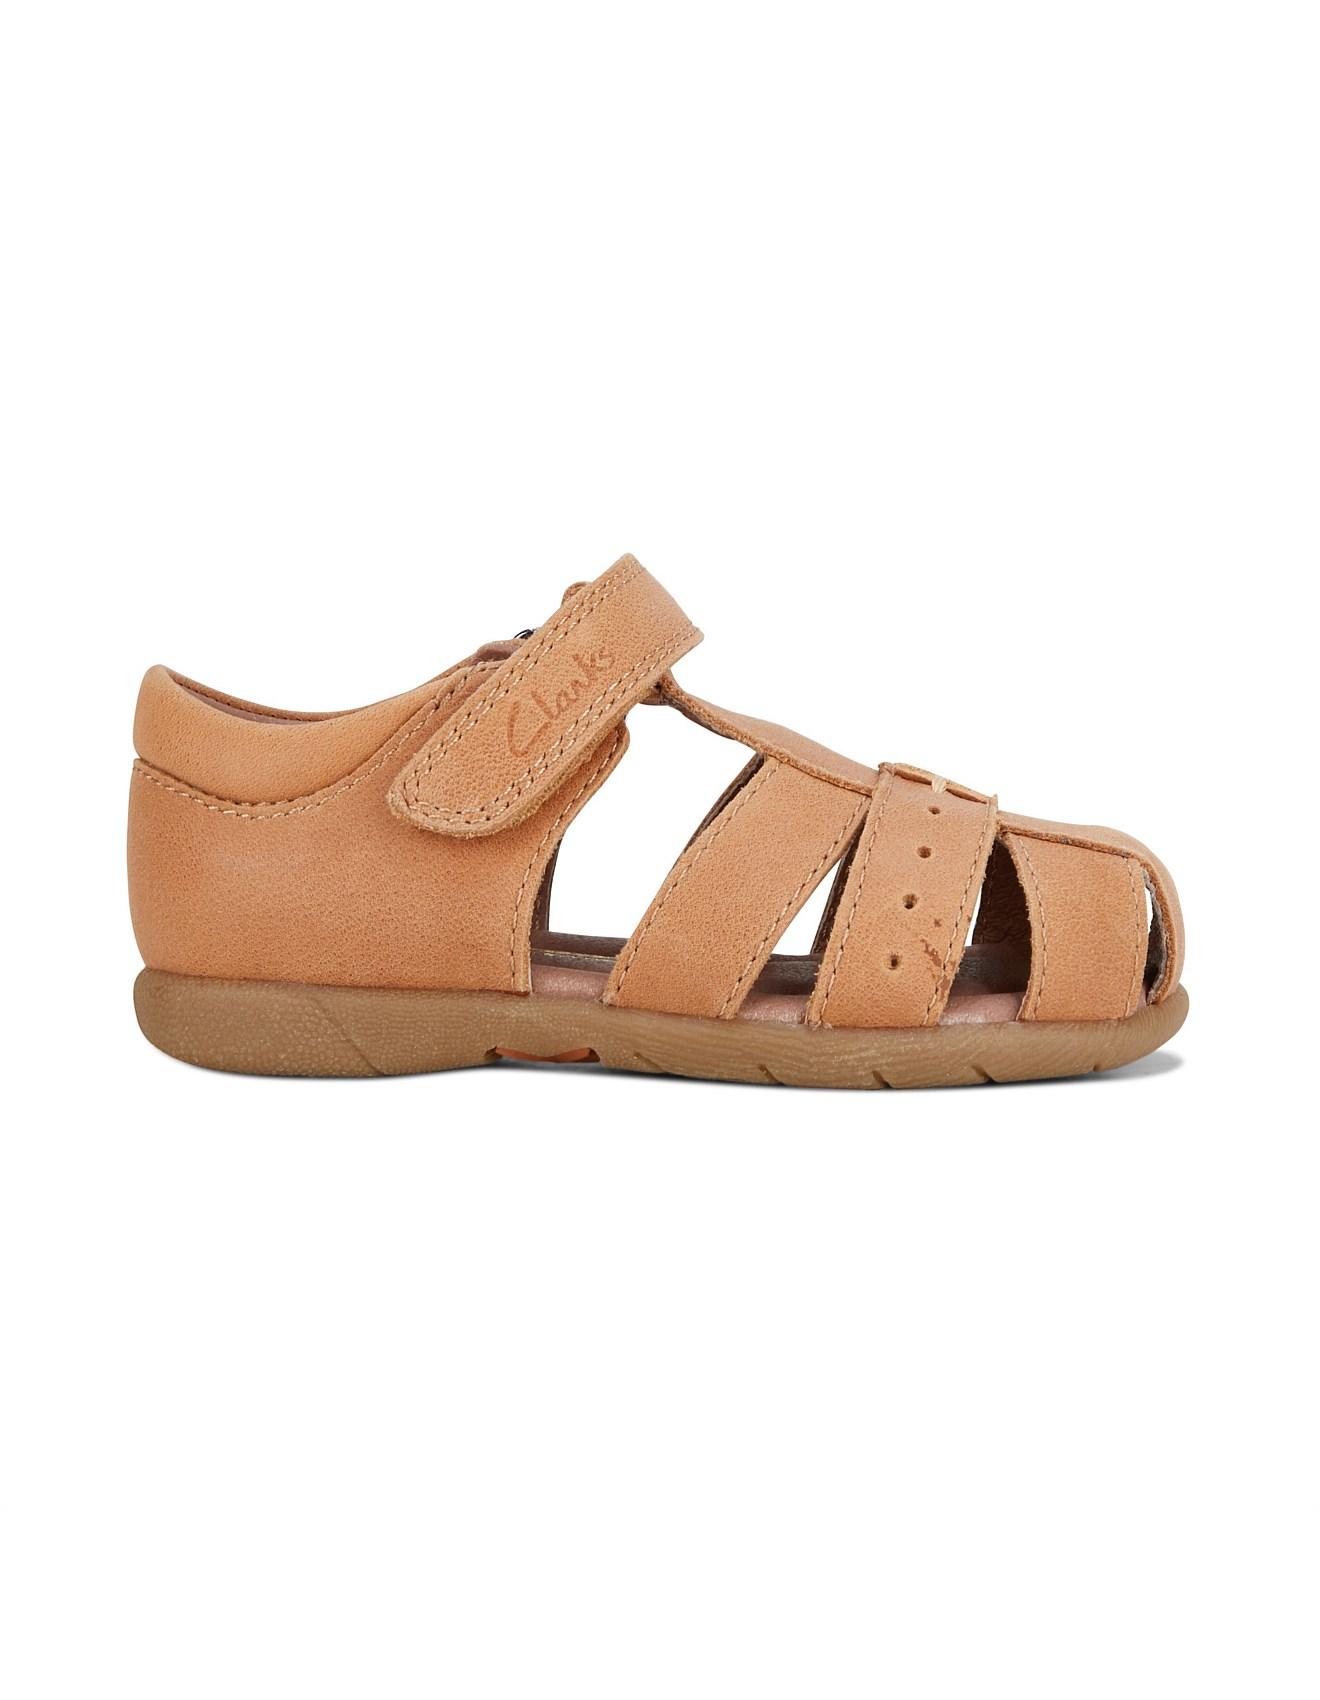 06a80f63c57 Clarks   Buy Clarks Shoes & School Shoes Online   David Jones ...